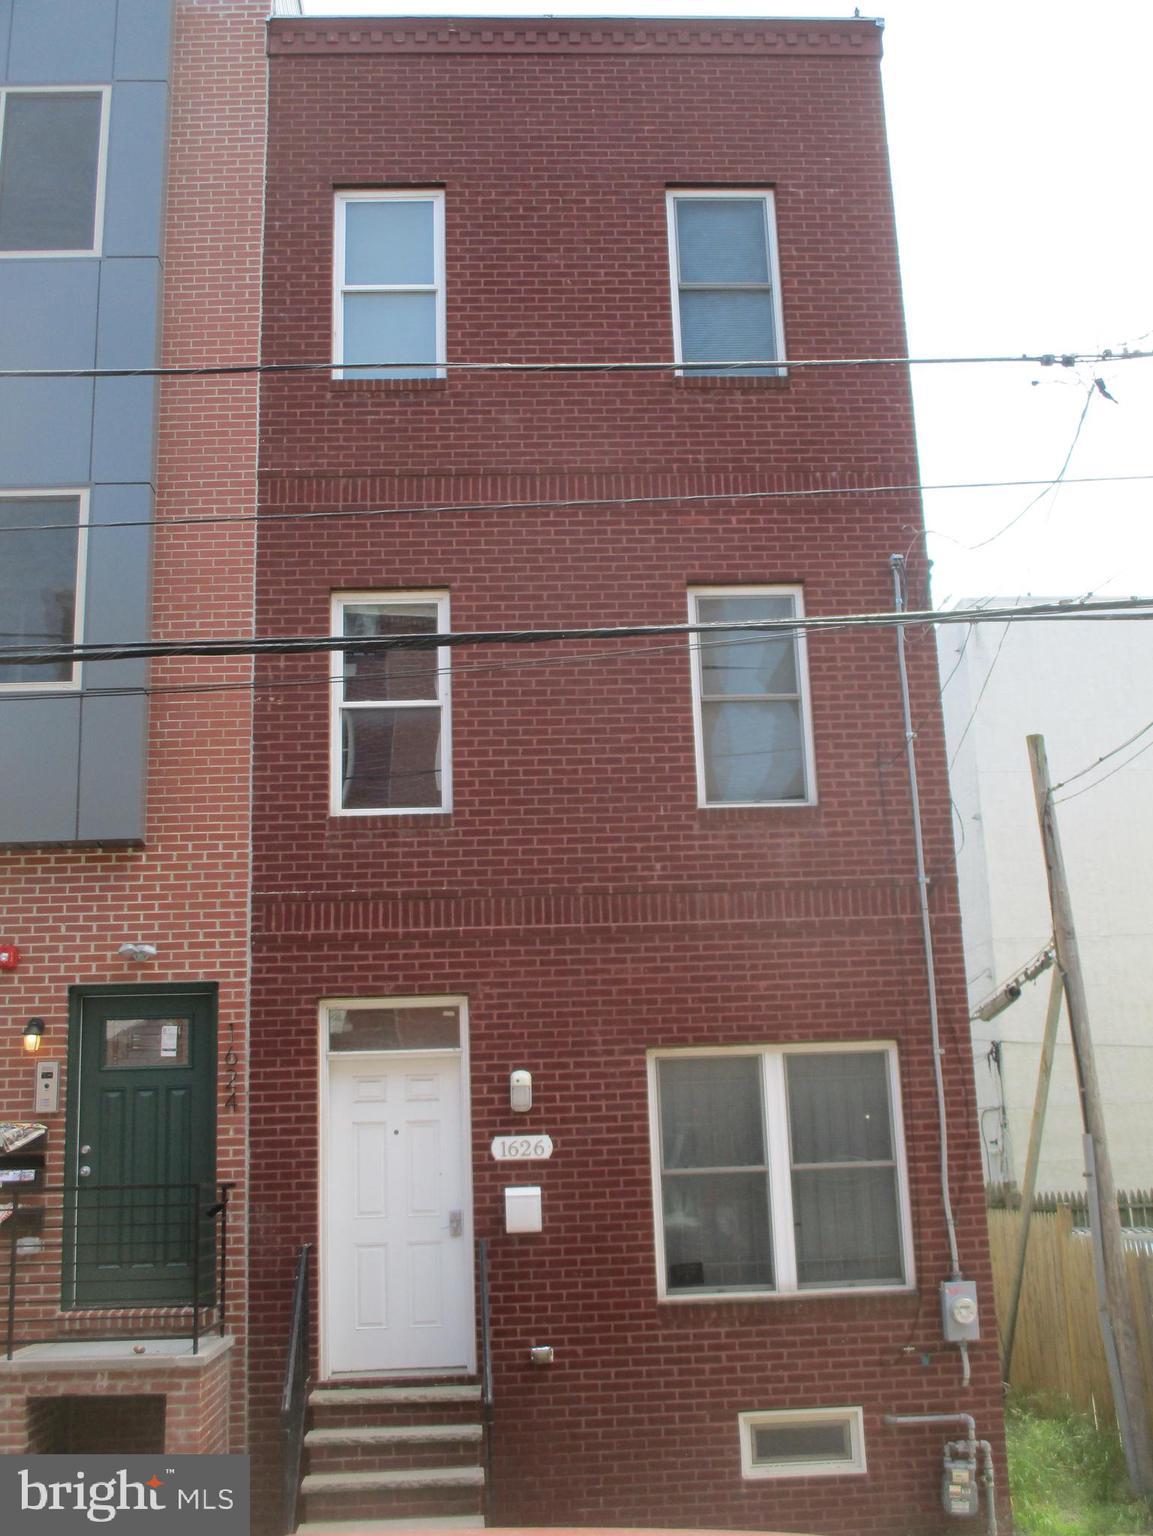 4916 W THOMPSON STREET, PHILADELPHIA, PA 19131